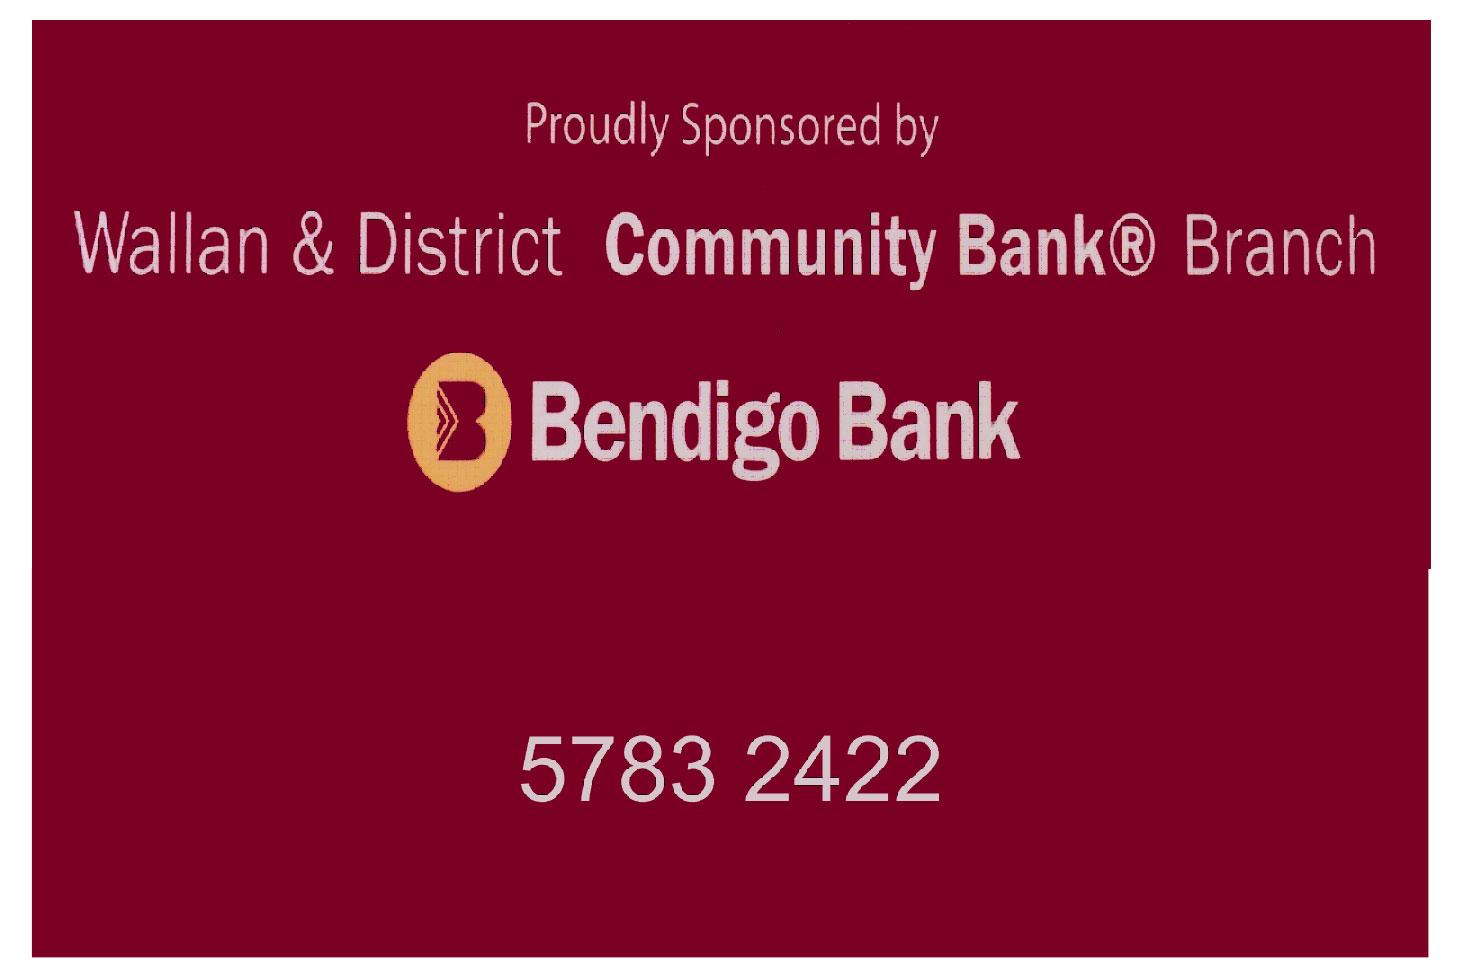 WALLAN & DISTRICT COMMUNITY BANK - BENDIGO BANK